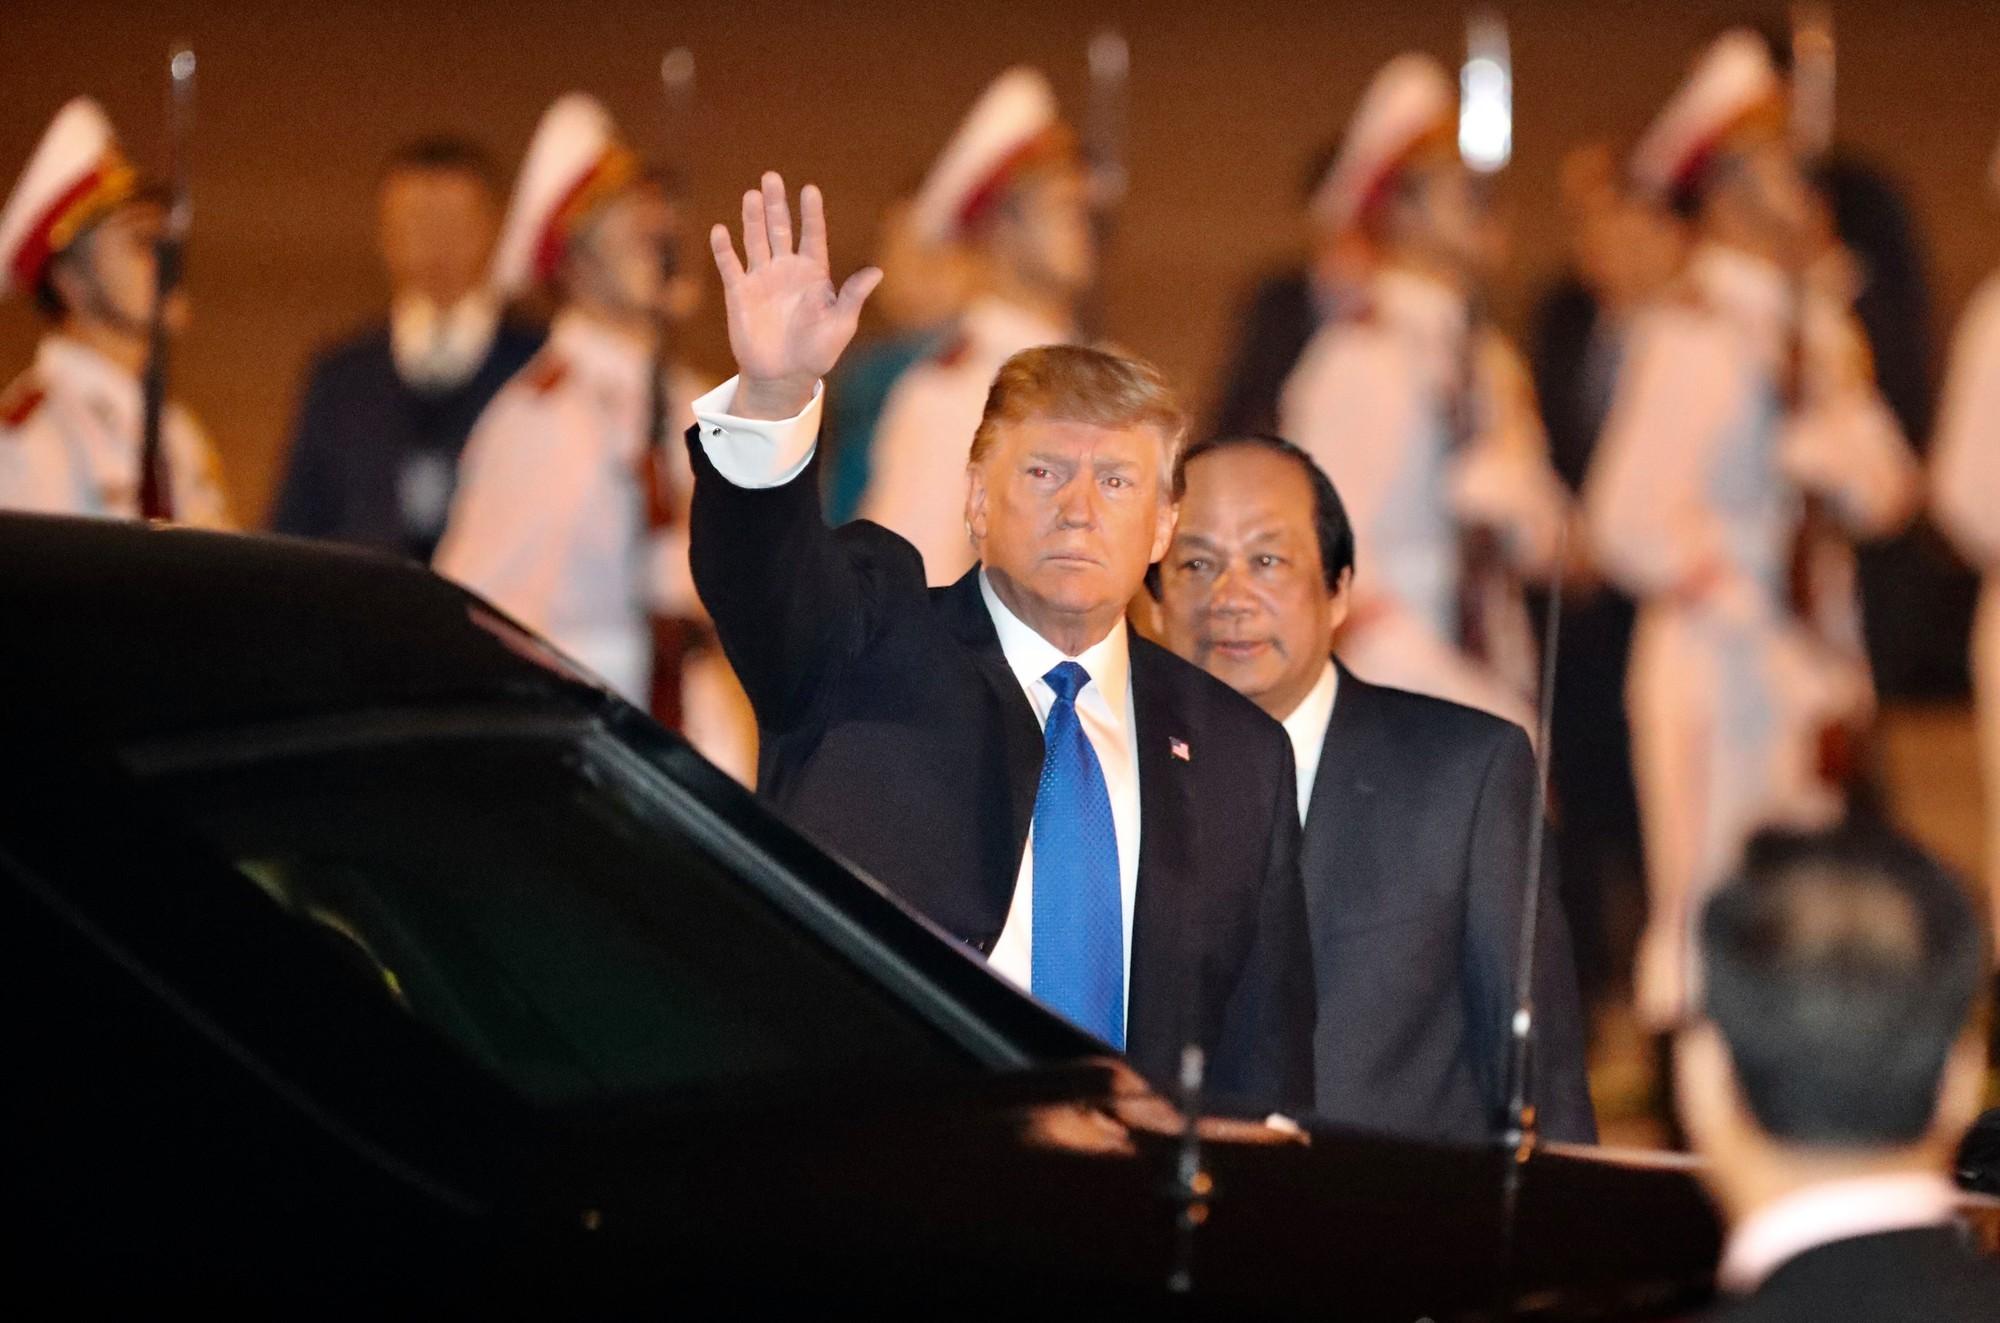 Toàn cảnh Hà Nội chào đón Tổng thống Mỹ Donald Trump - Ảnh 9.